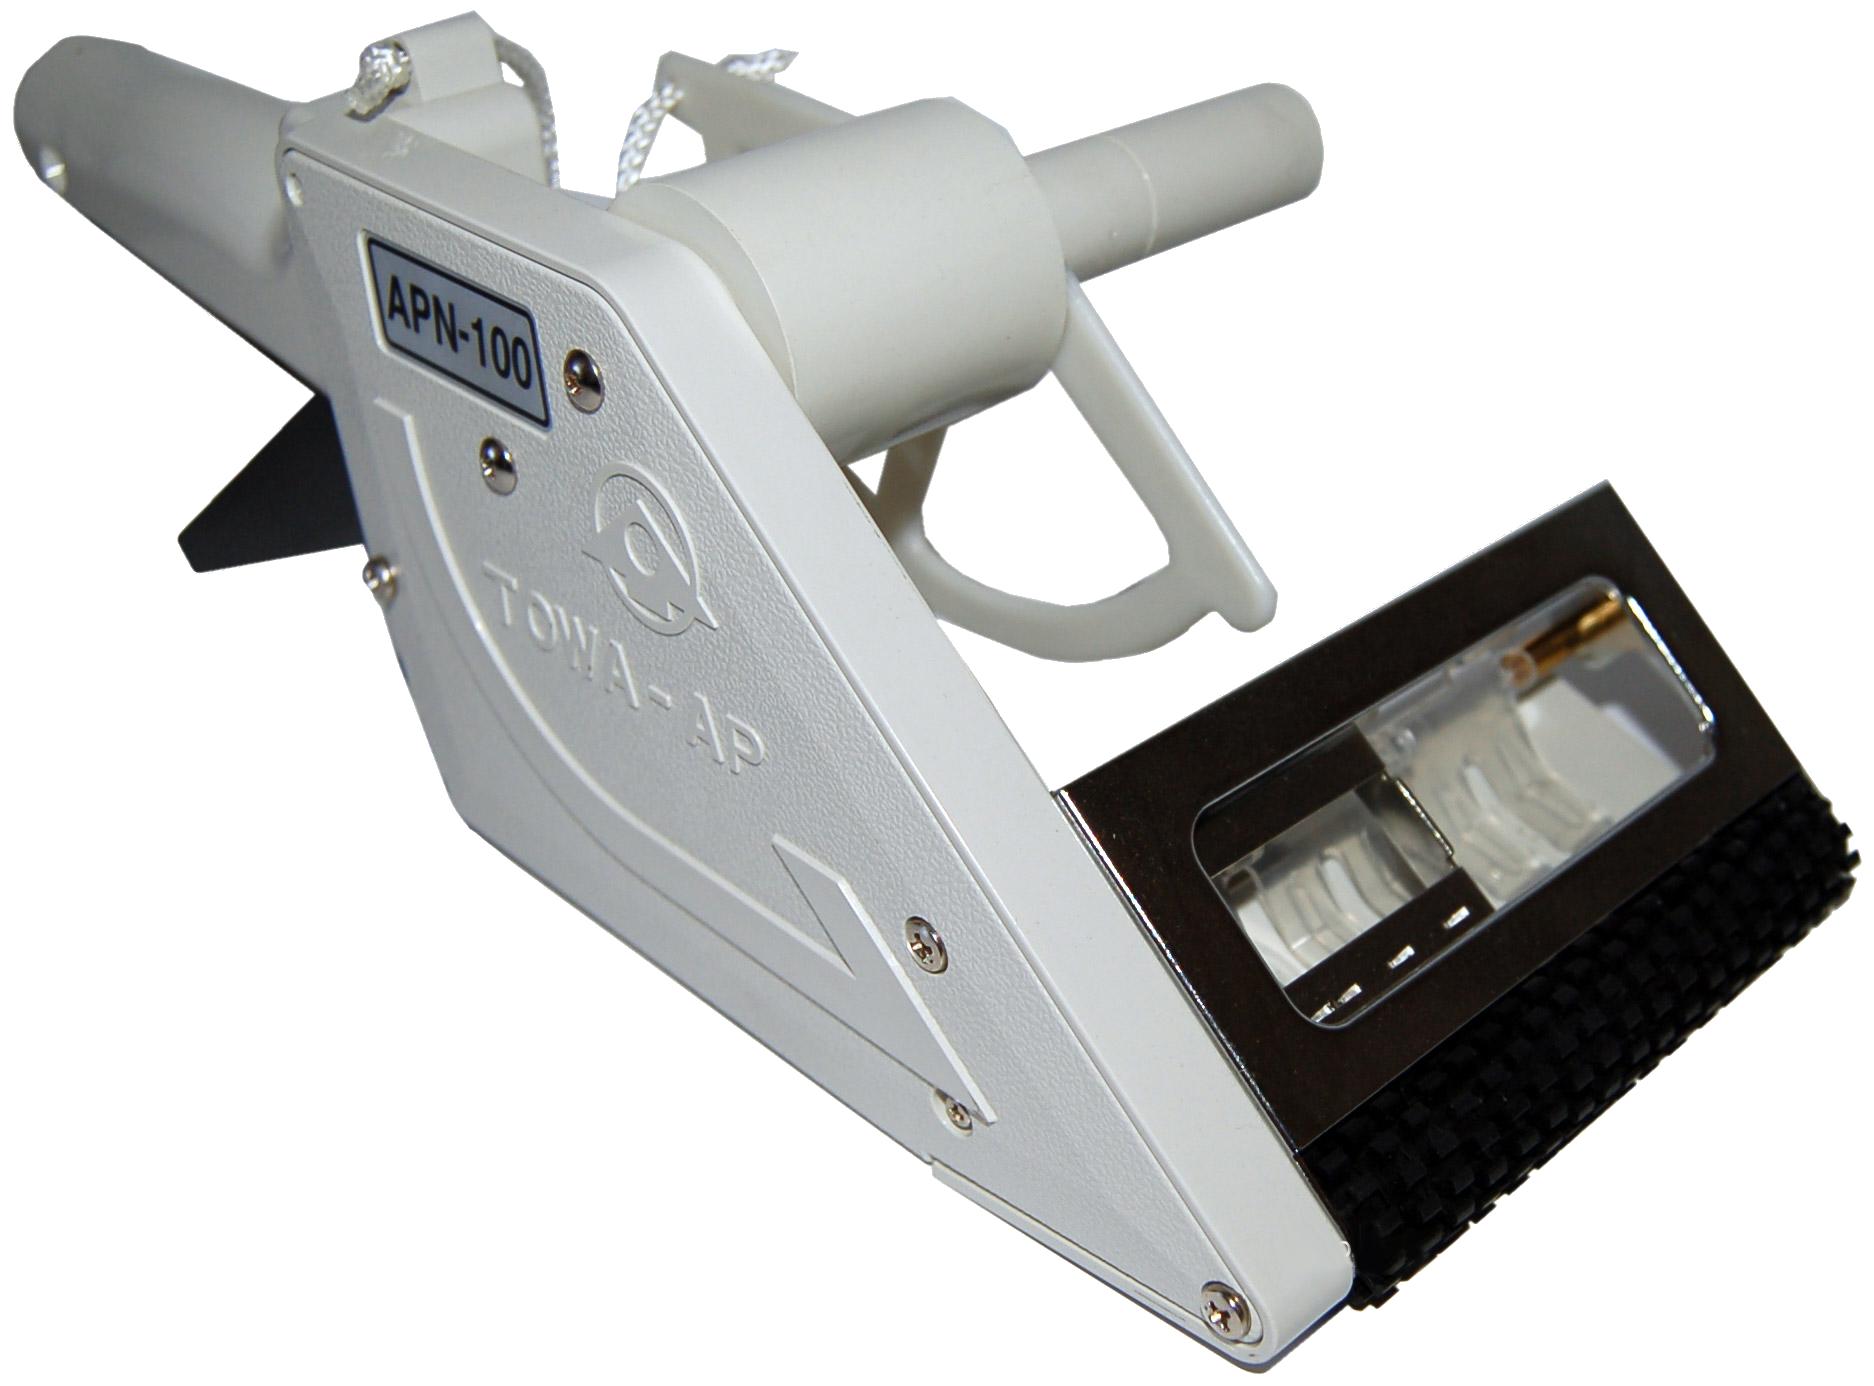 Towa APN-100 Ručni aplikator etiketa